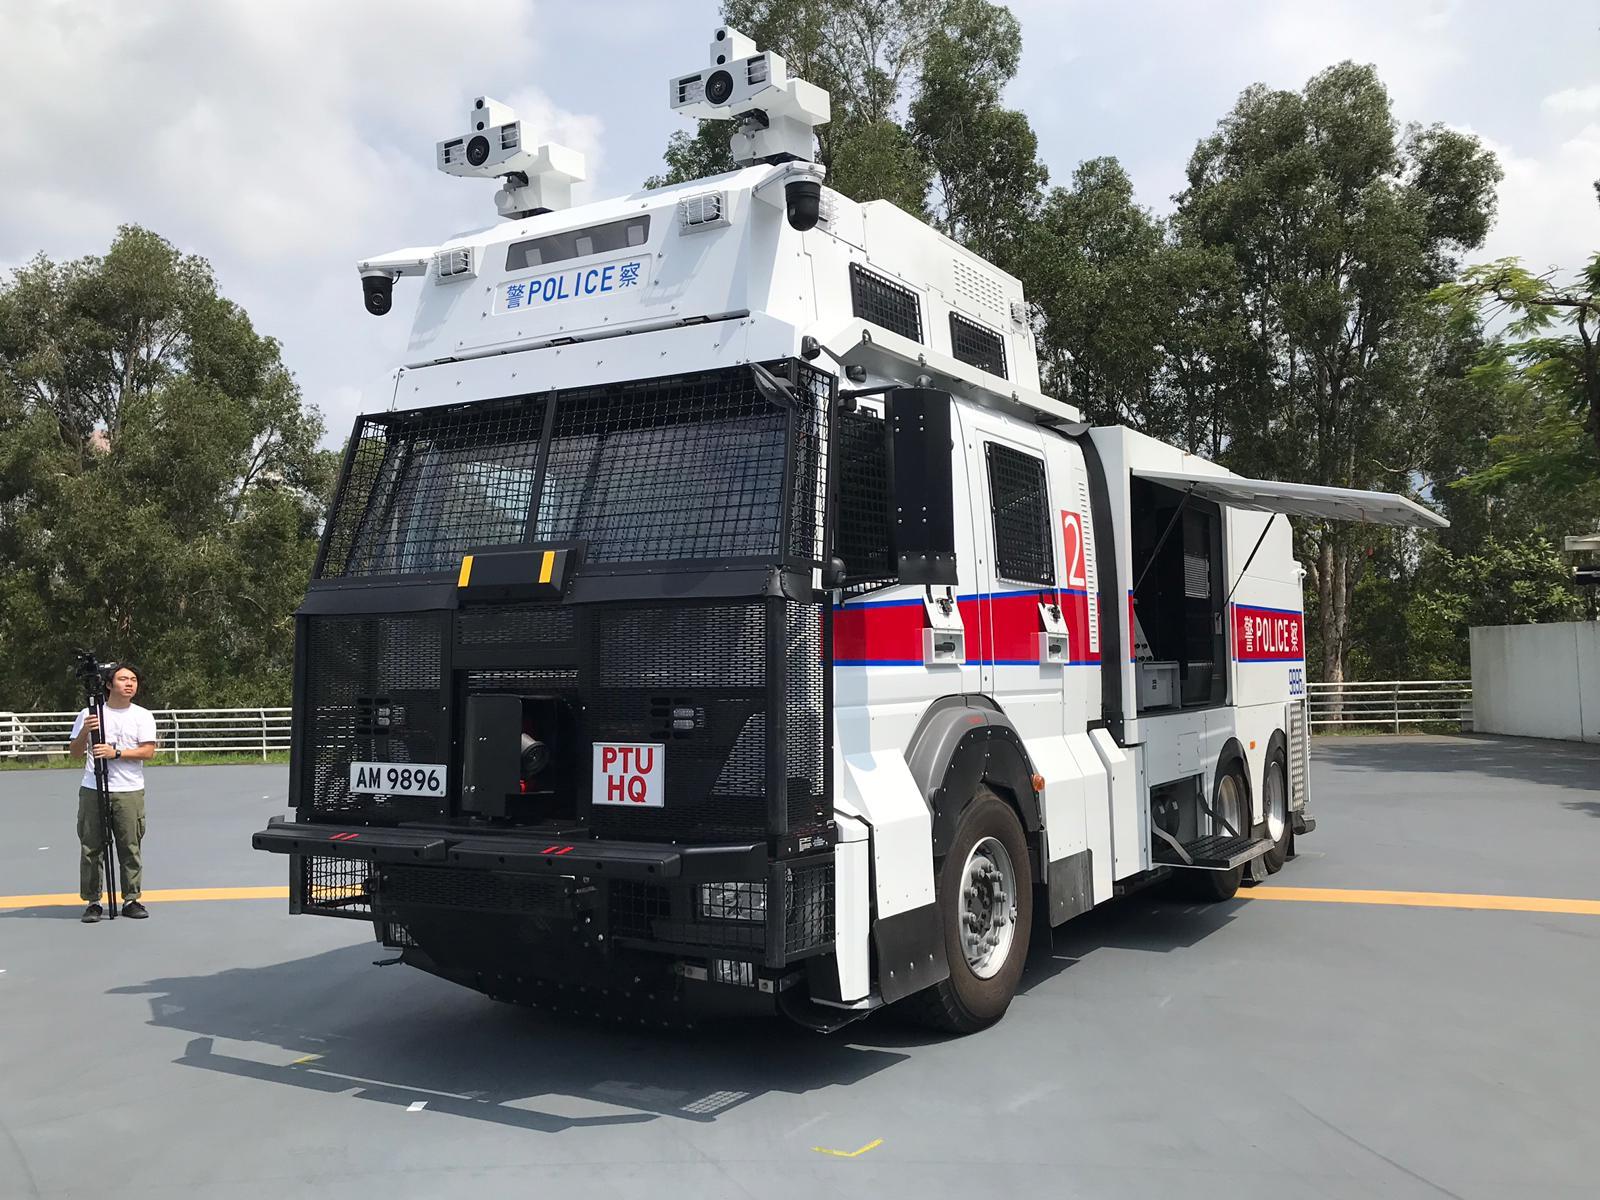 除車頂兩個噴水裝置外,「水炮車」車頭亦裝有噴水裝置,可作驅散之用。